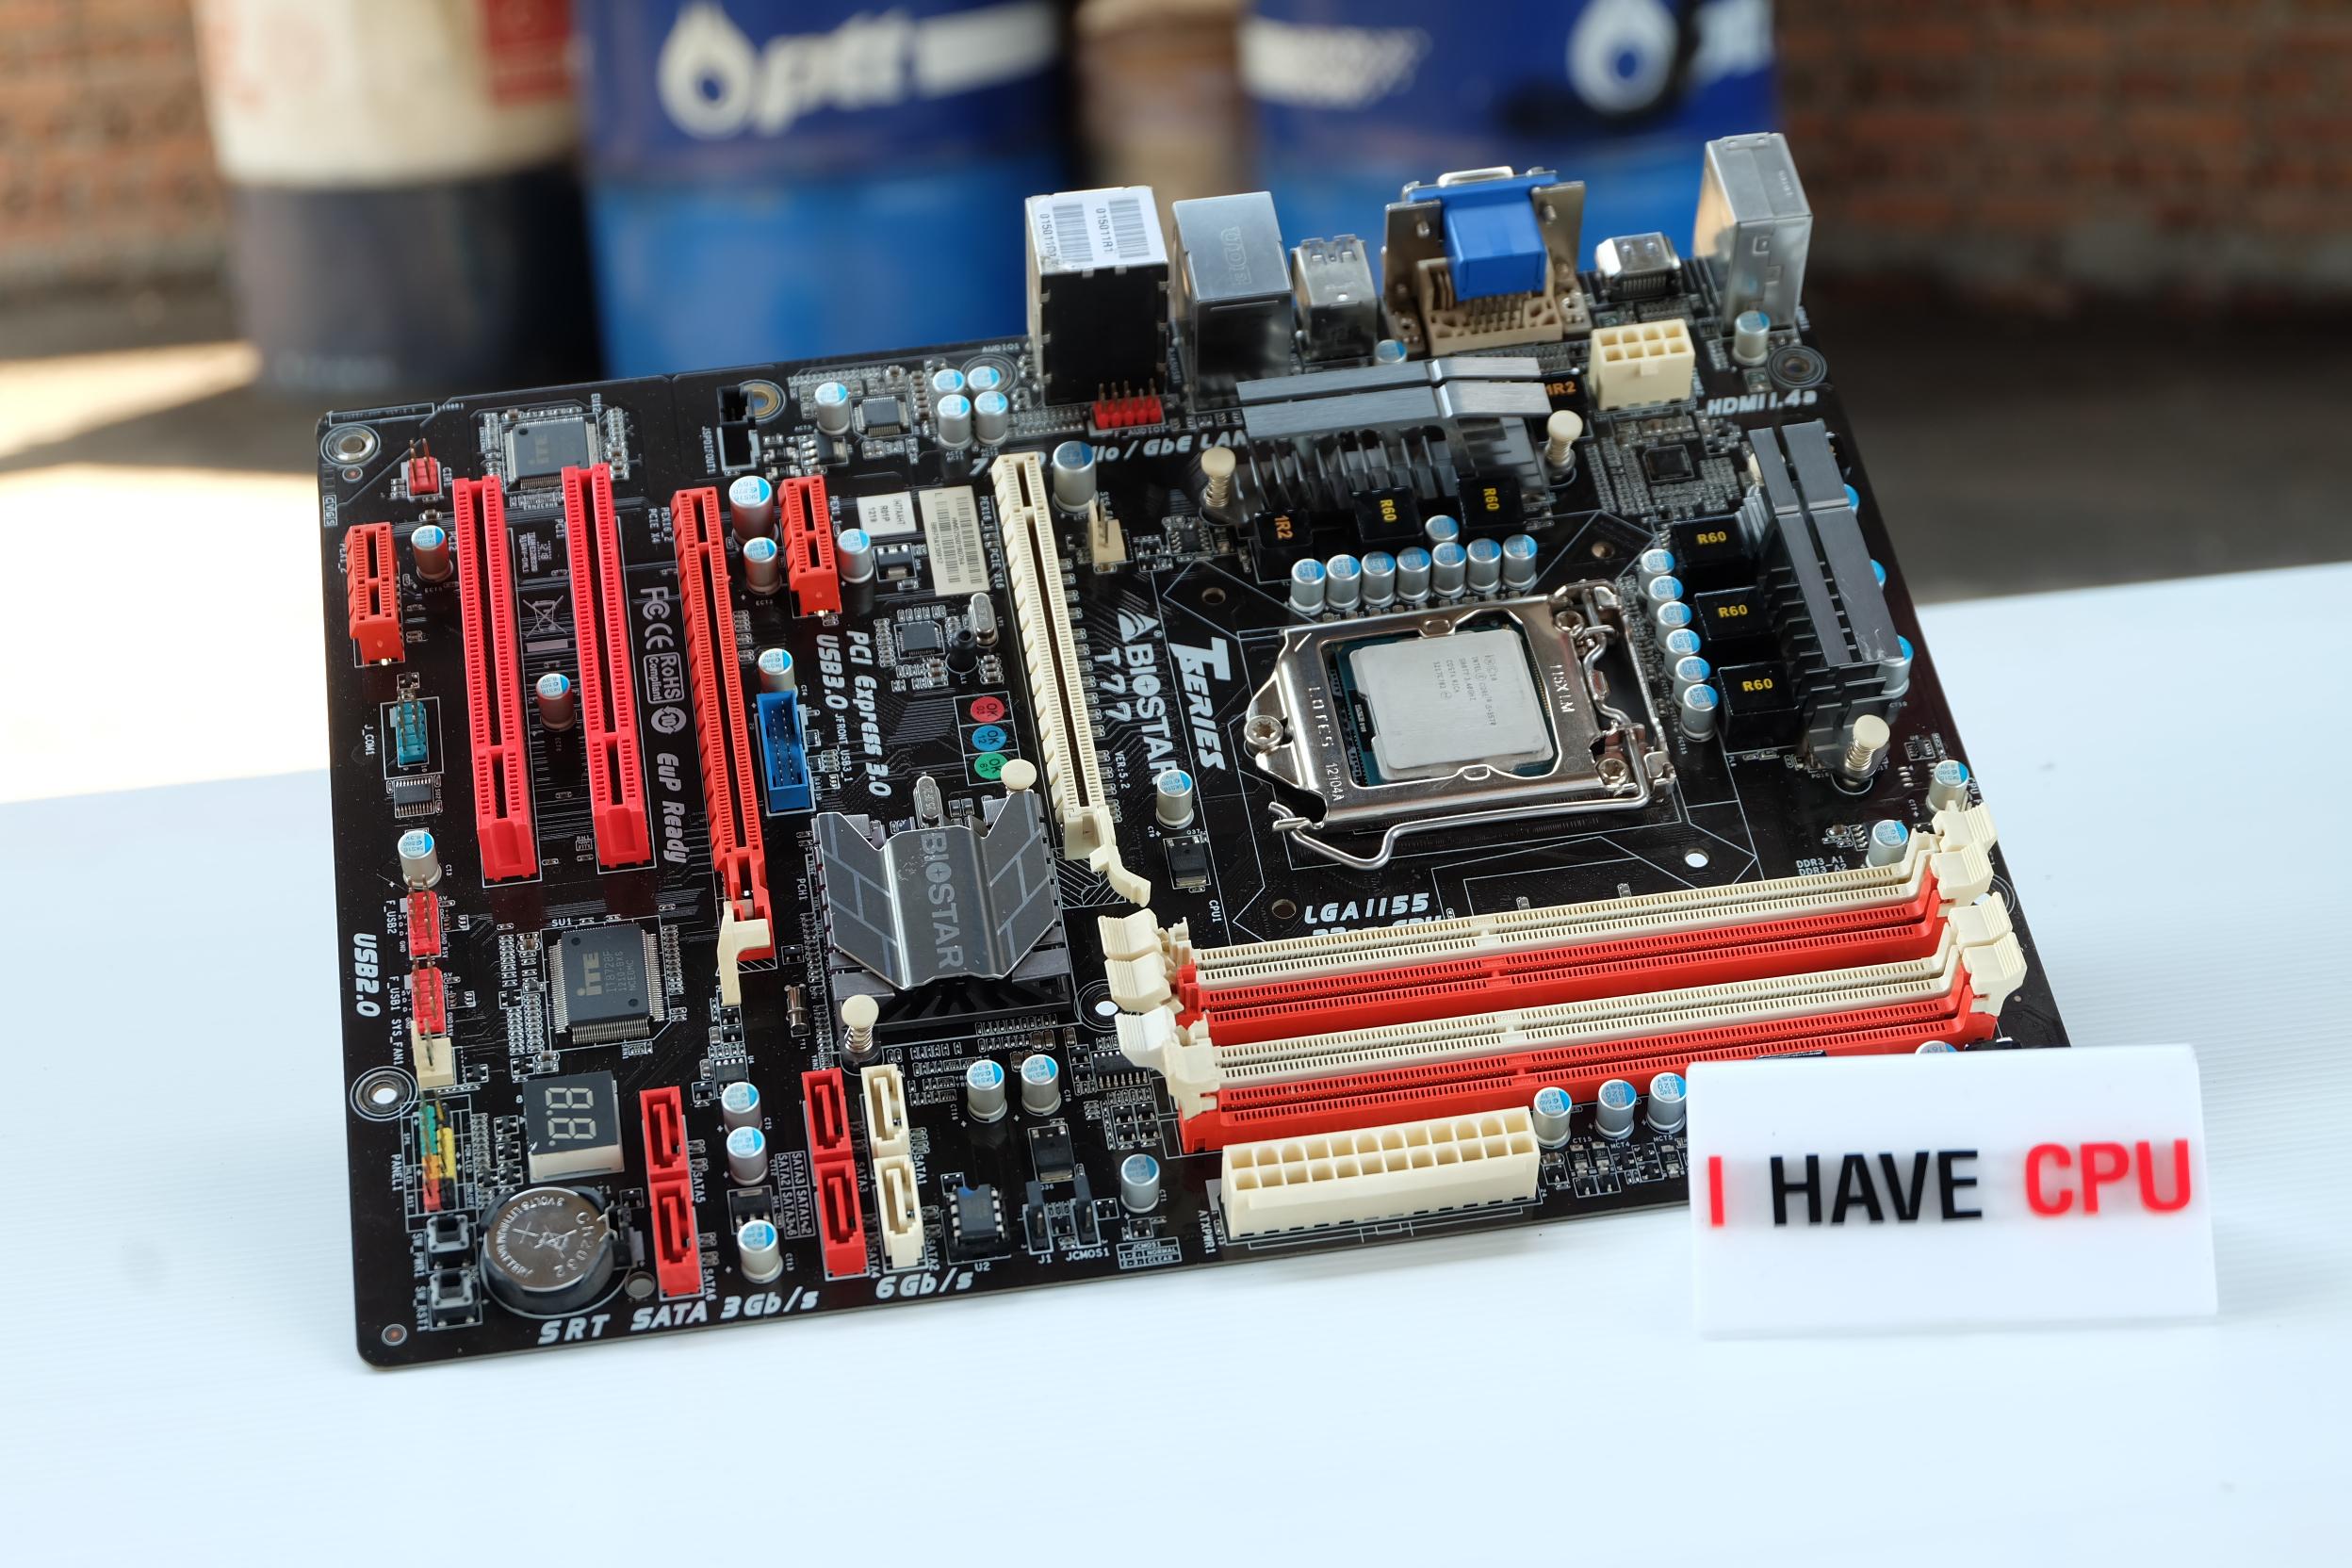 i5-3570 3.8Ghz 4C 4T + Biostar T77